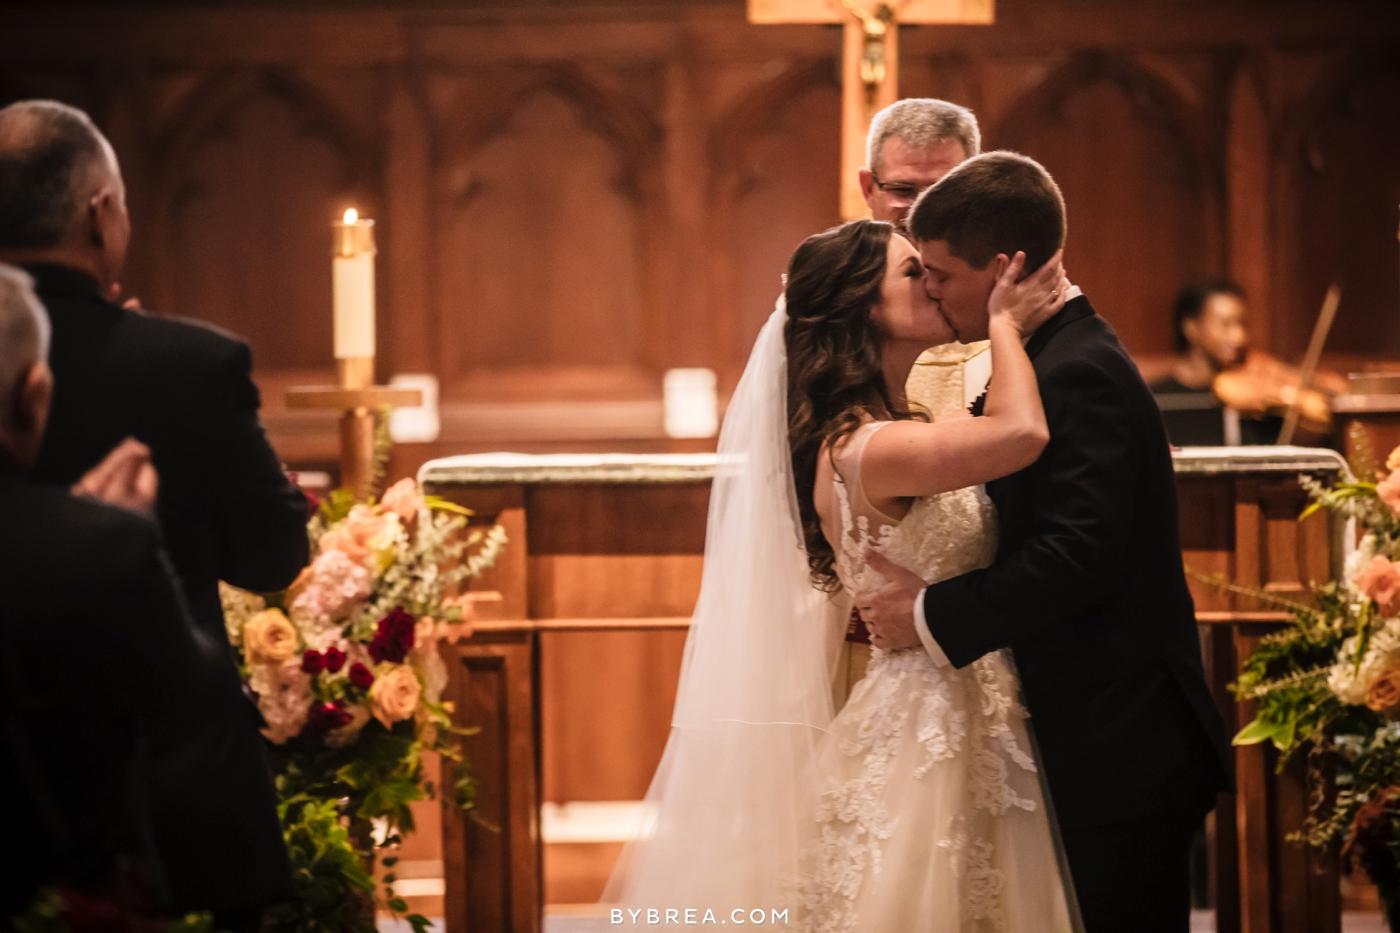 Dahlgren Chapel wedding first kiss as man and wife